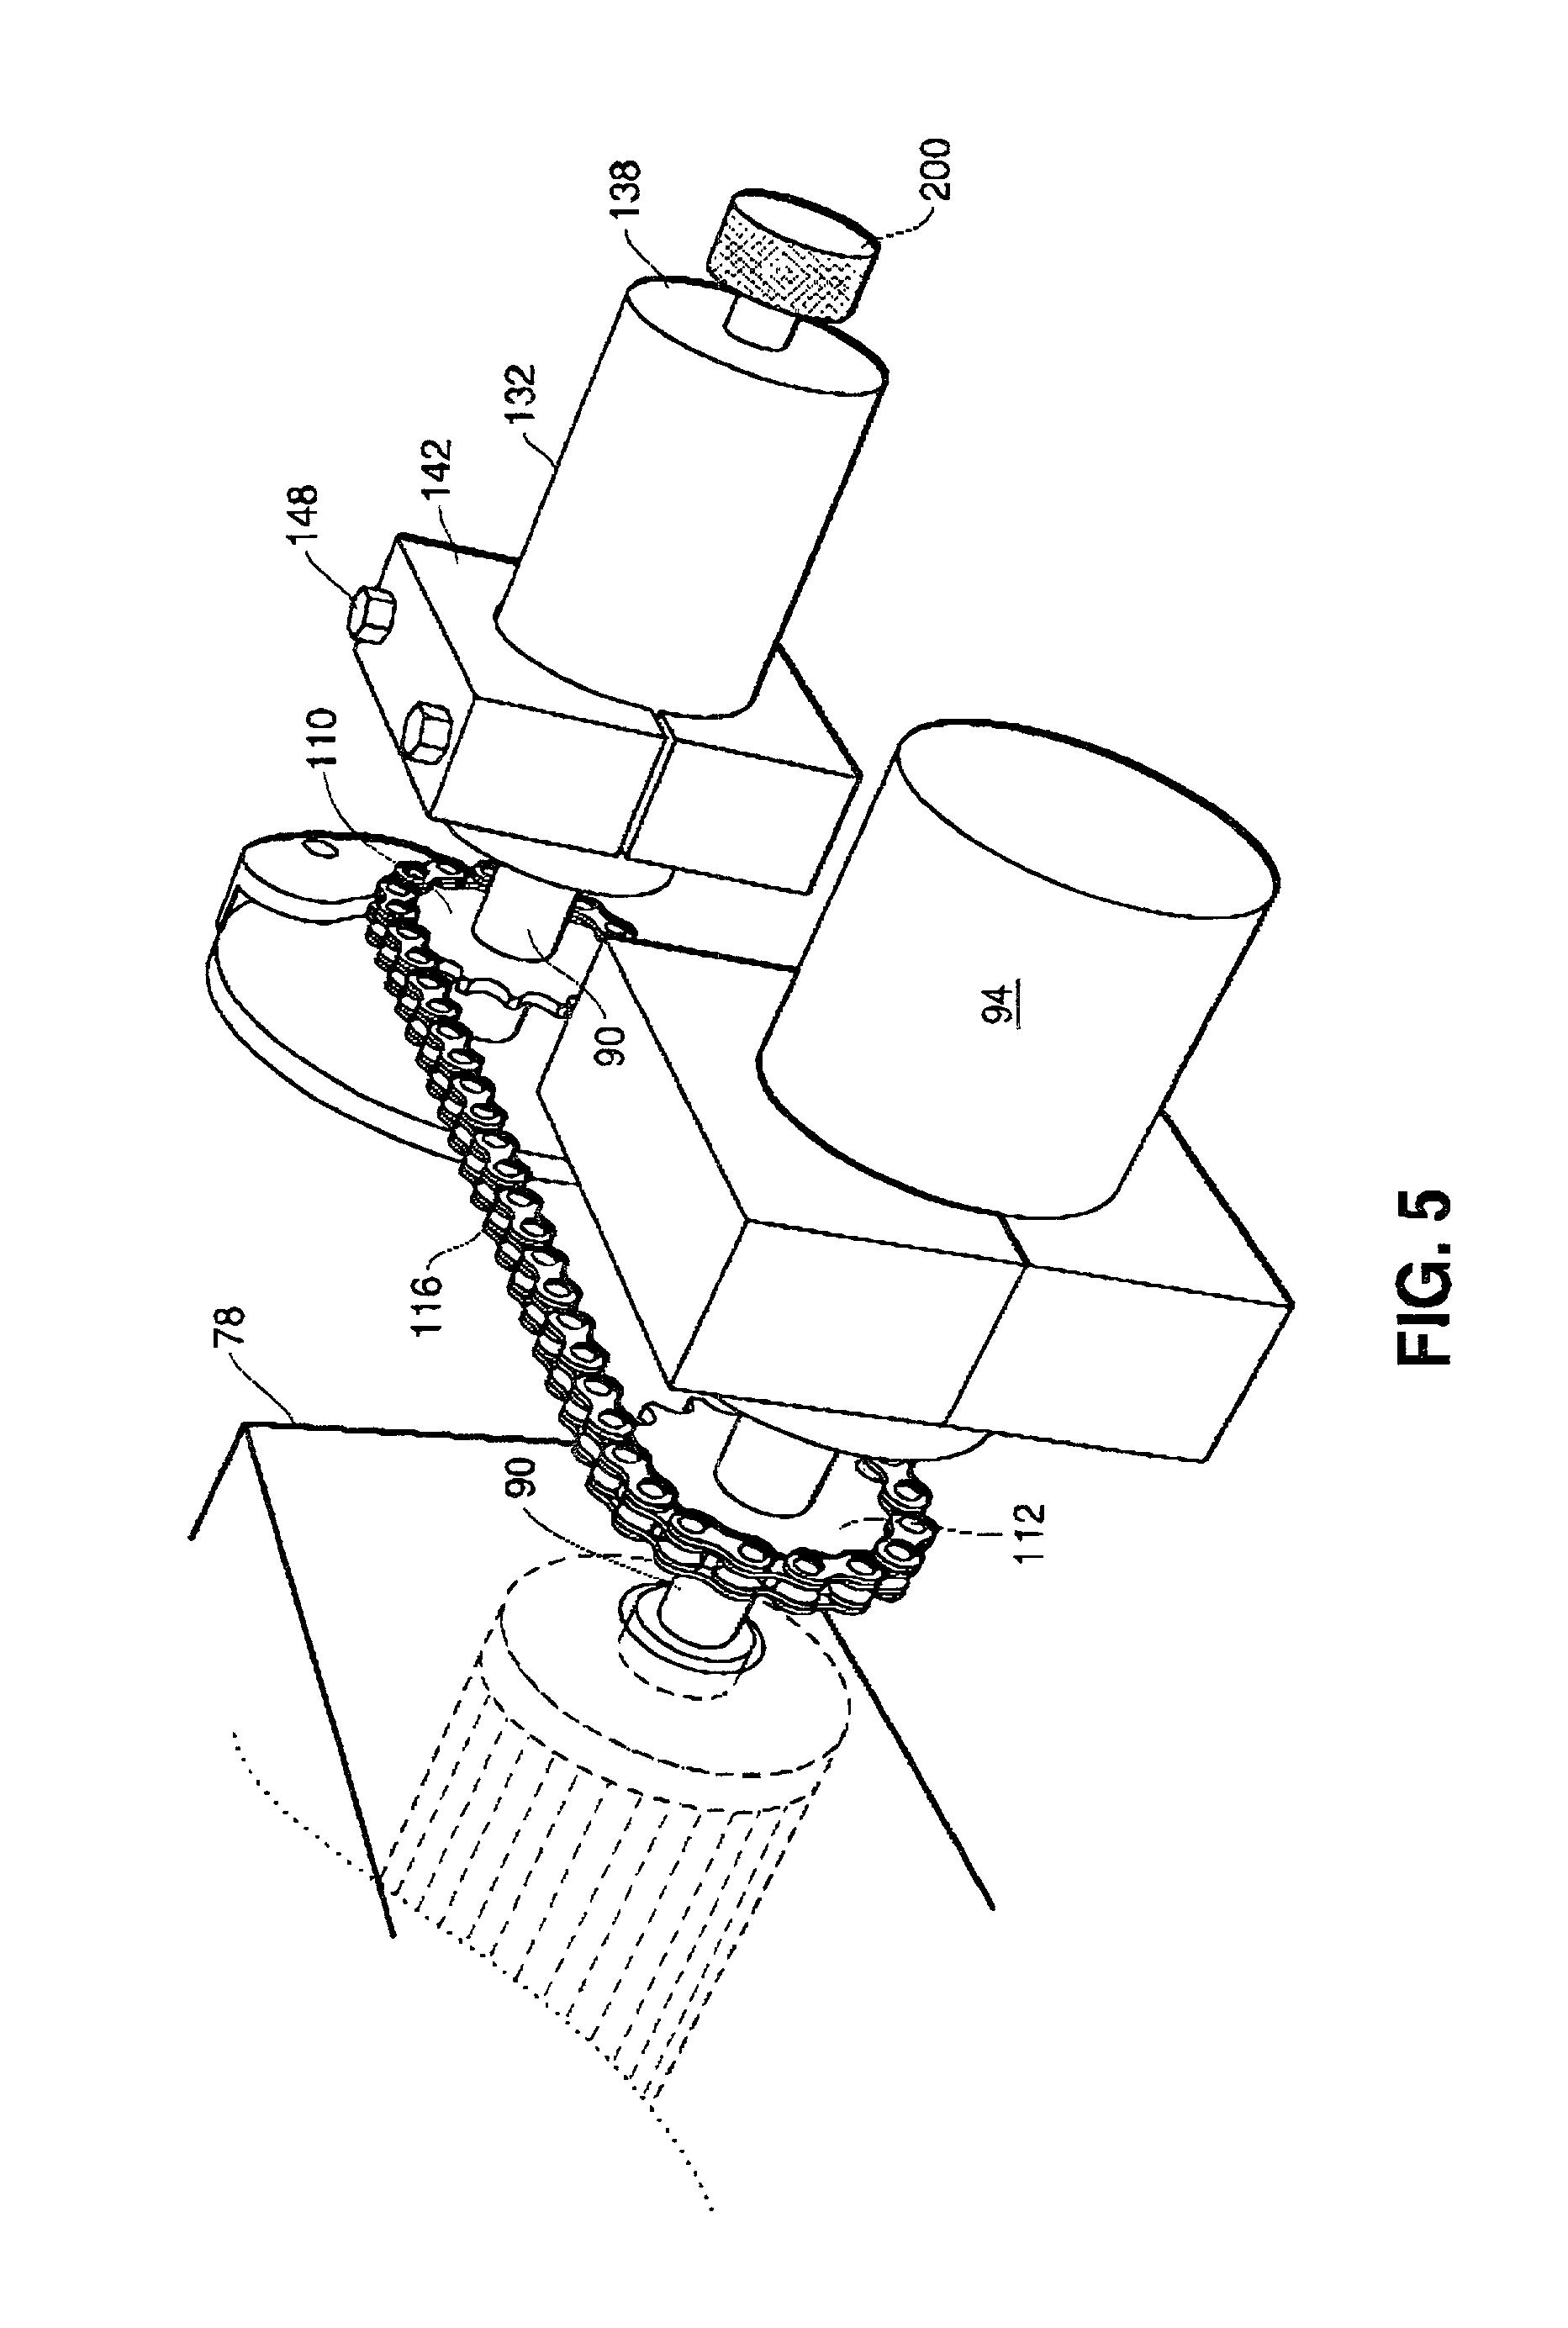 leeson motors wiring diagrams Wiring Diagram